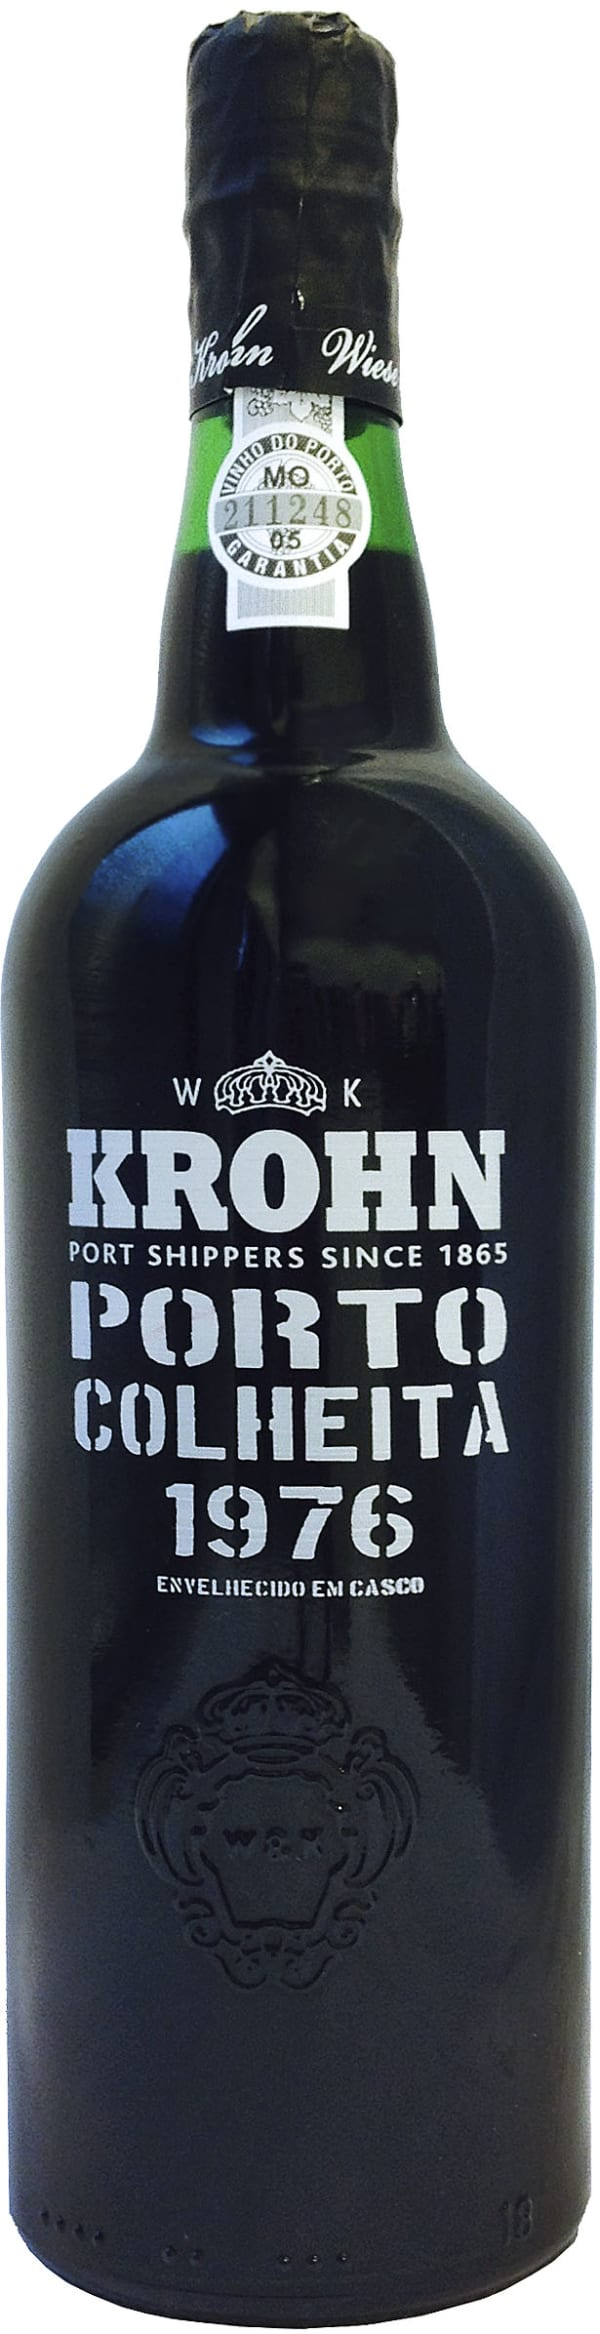 Krohn Colheita 1976